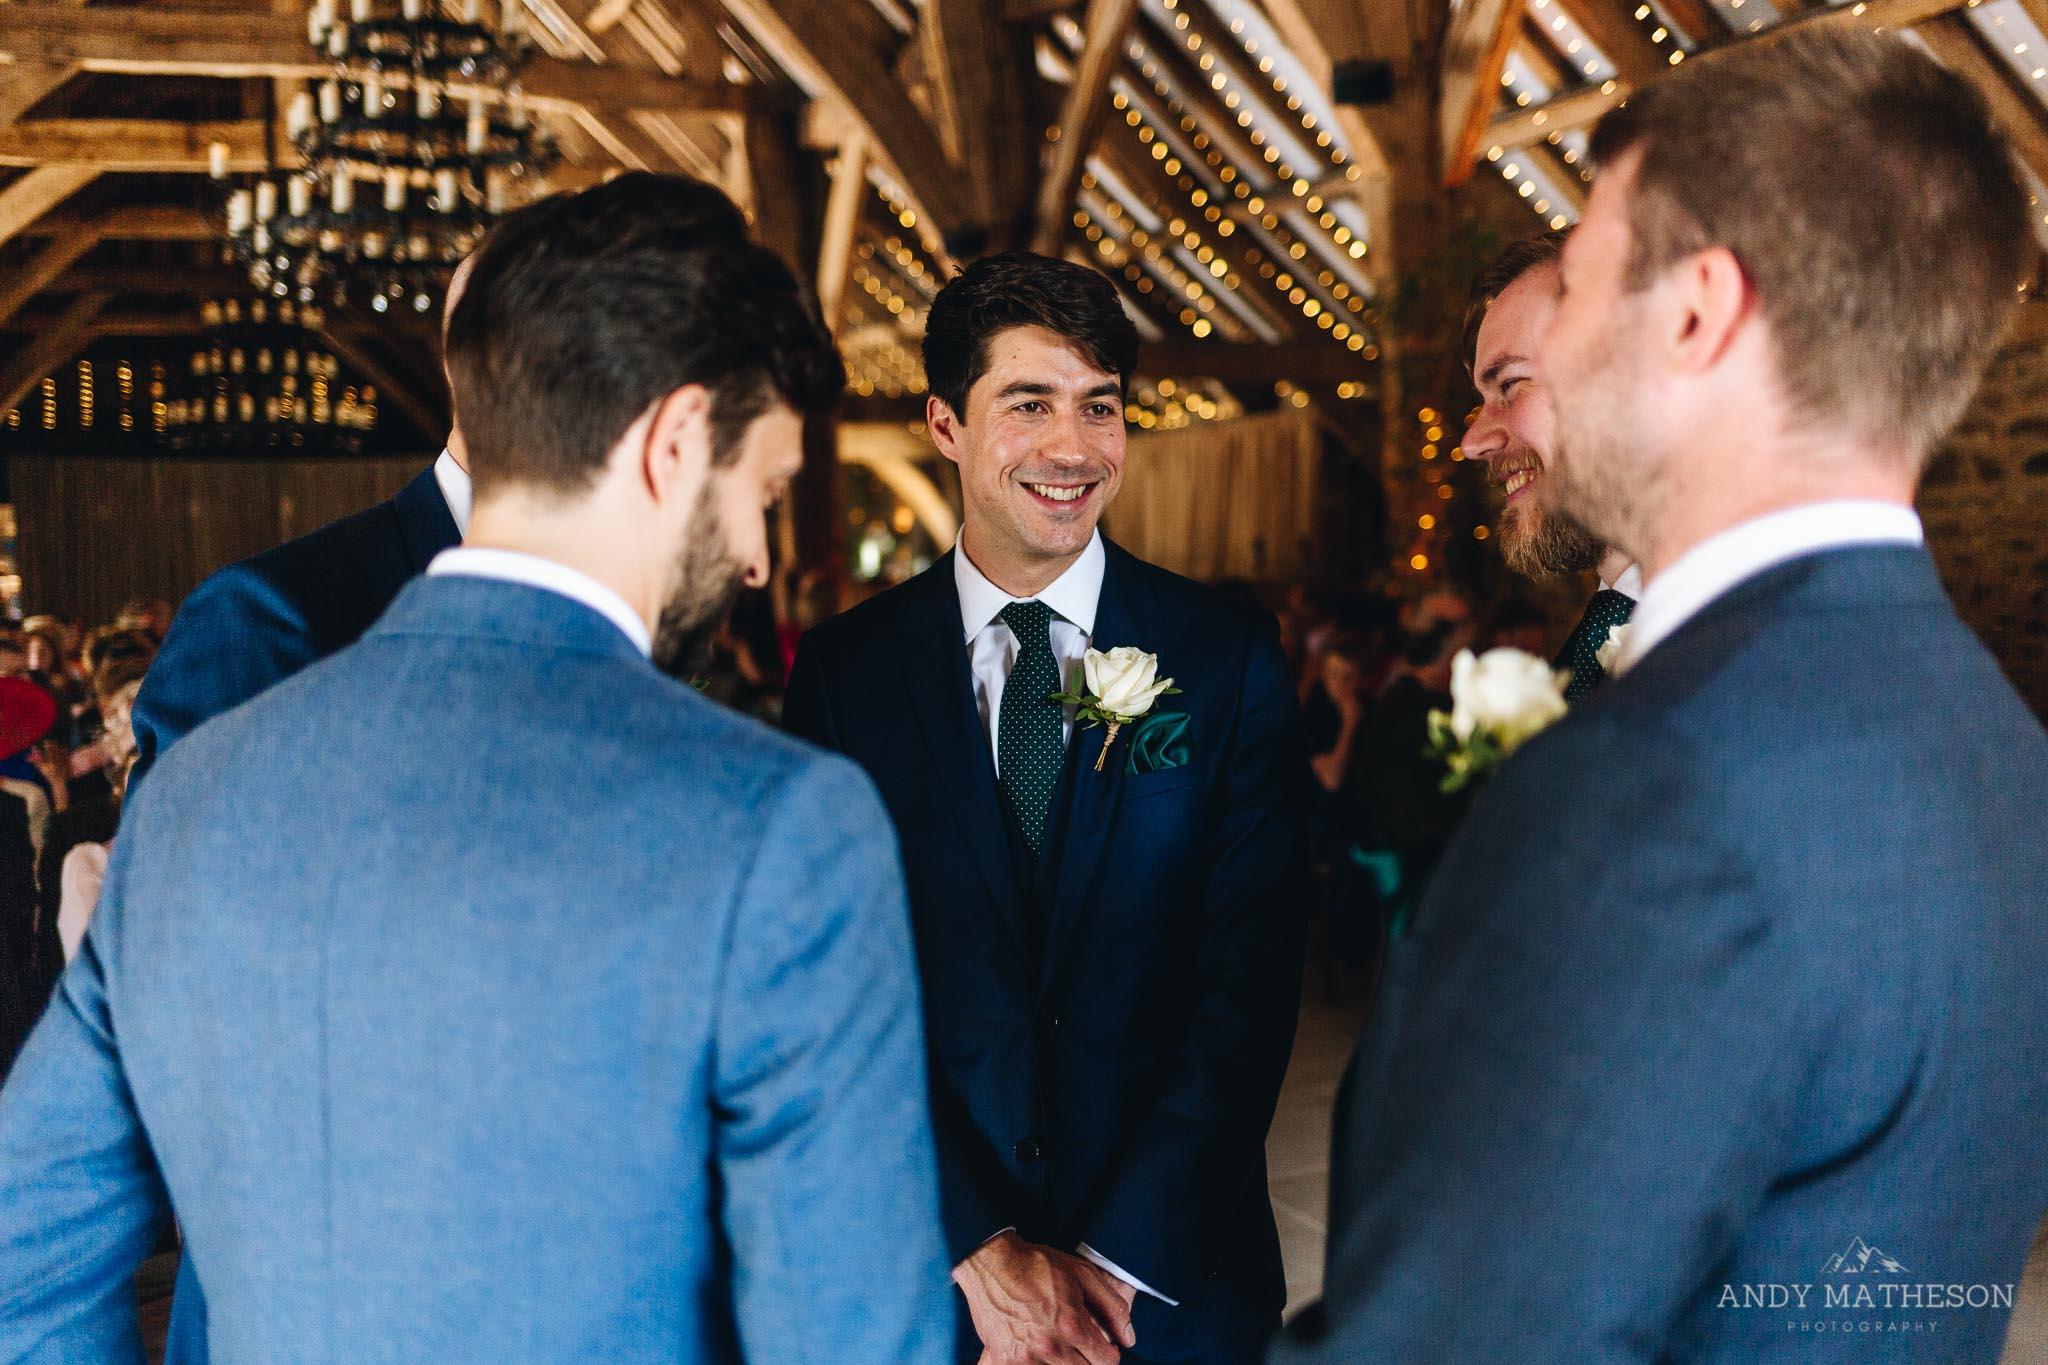 Tithe Barn Bolton Abbey Wedding Photographer_Andy Matheson_030.jpg